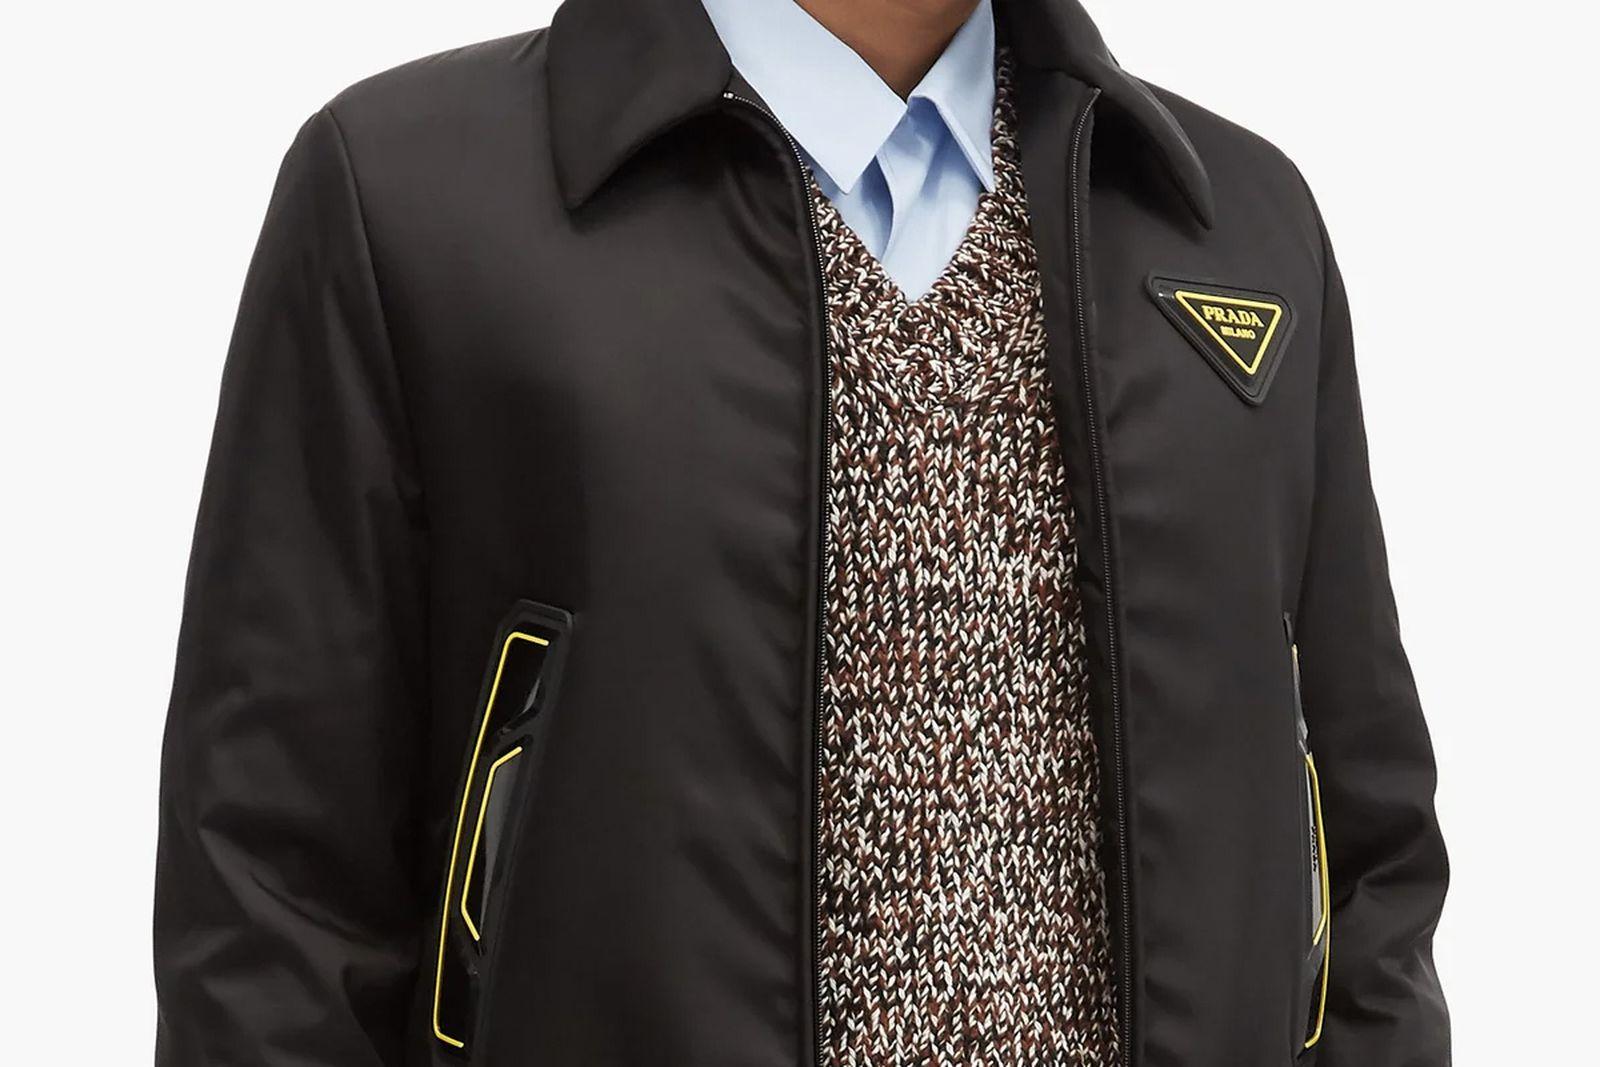 bomber jackets prada image